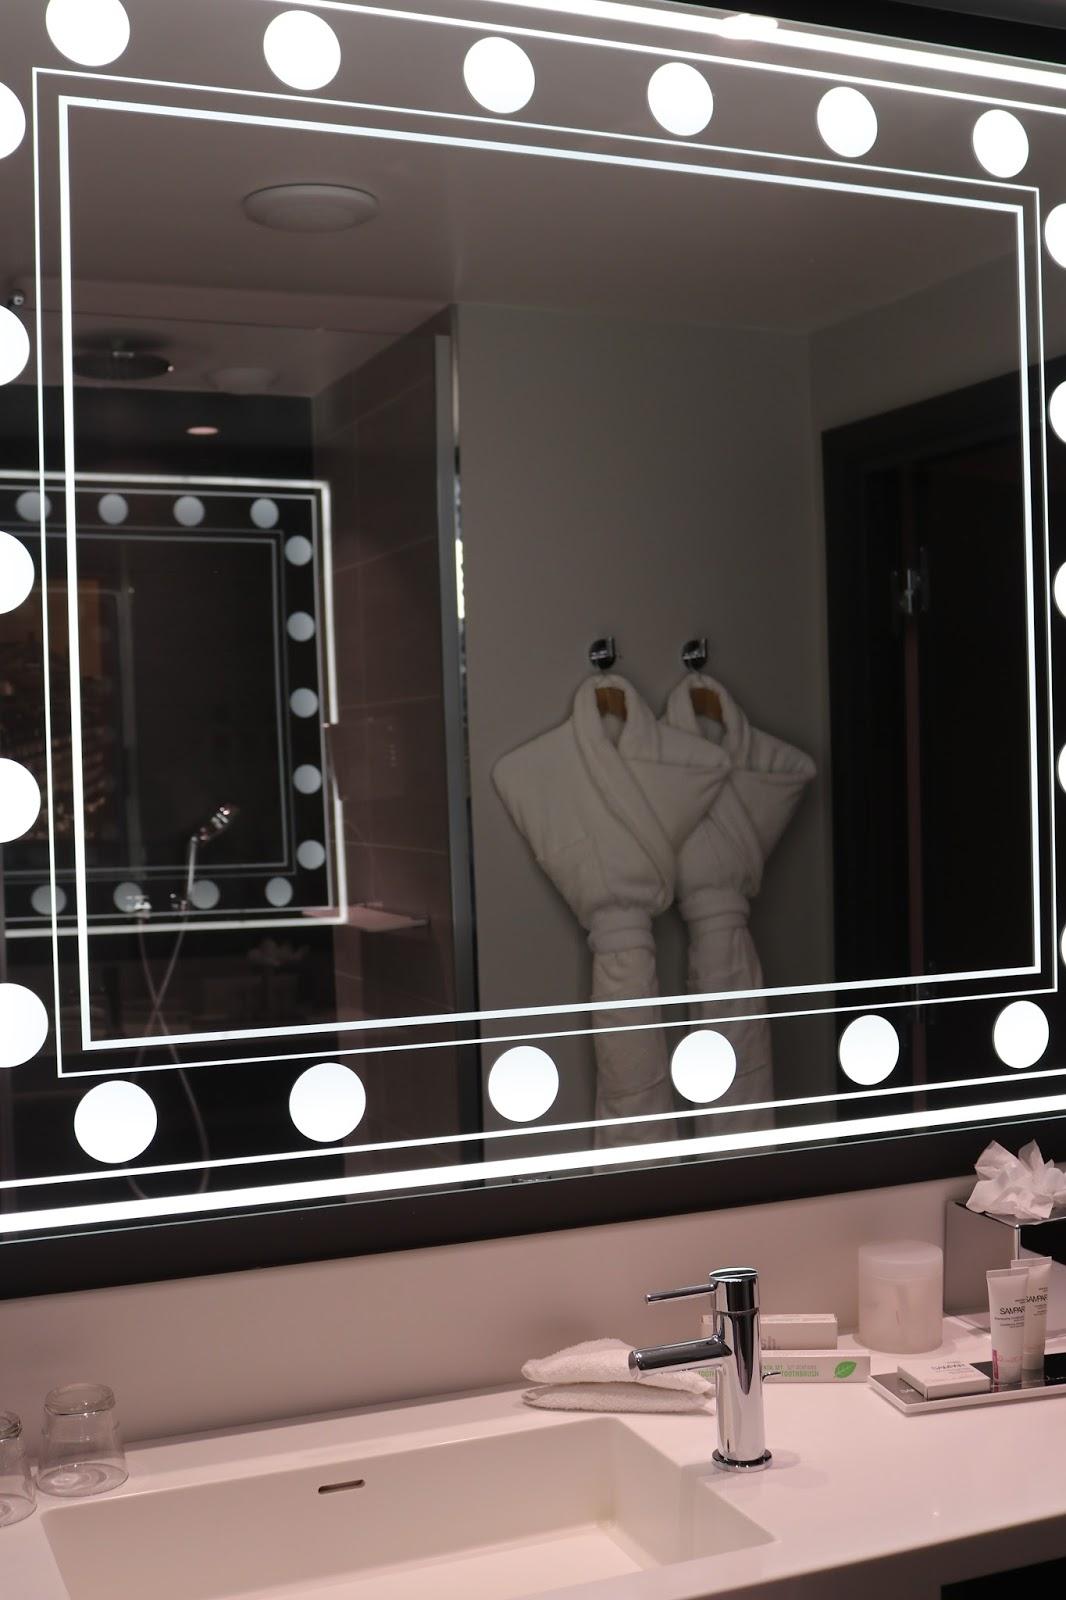 Hotel Indigo, Paris, France, KALANCHOE